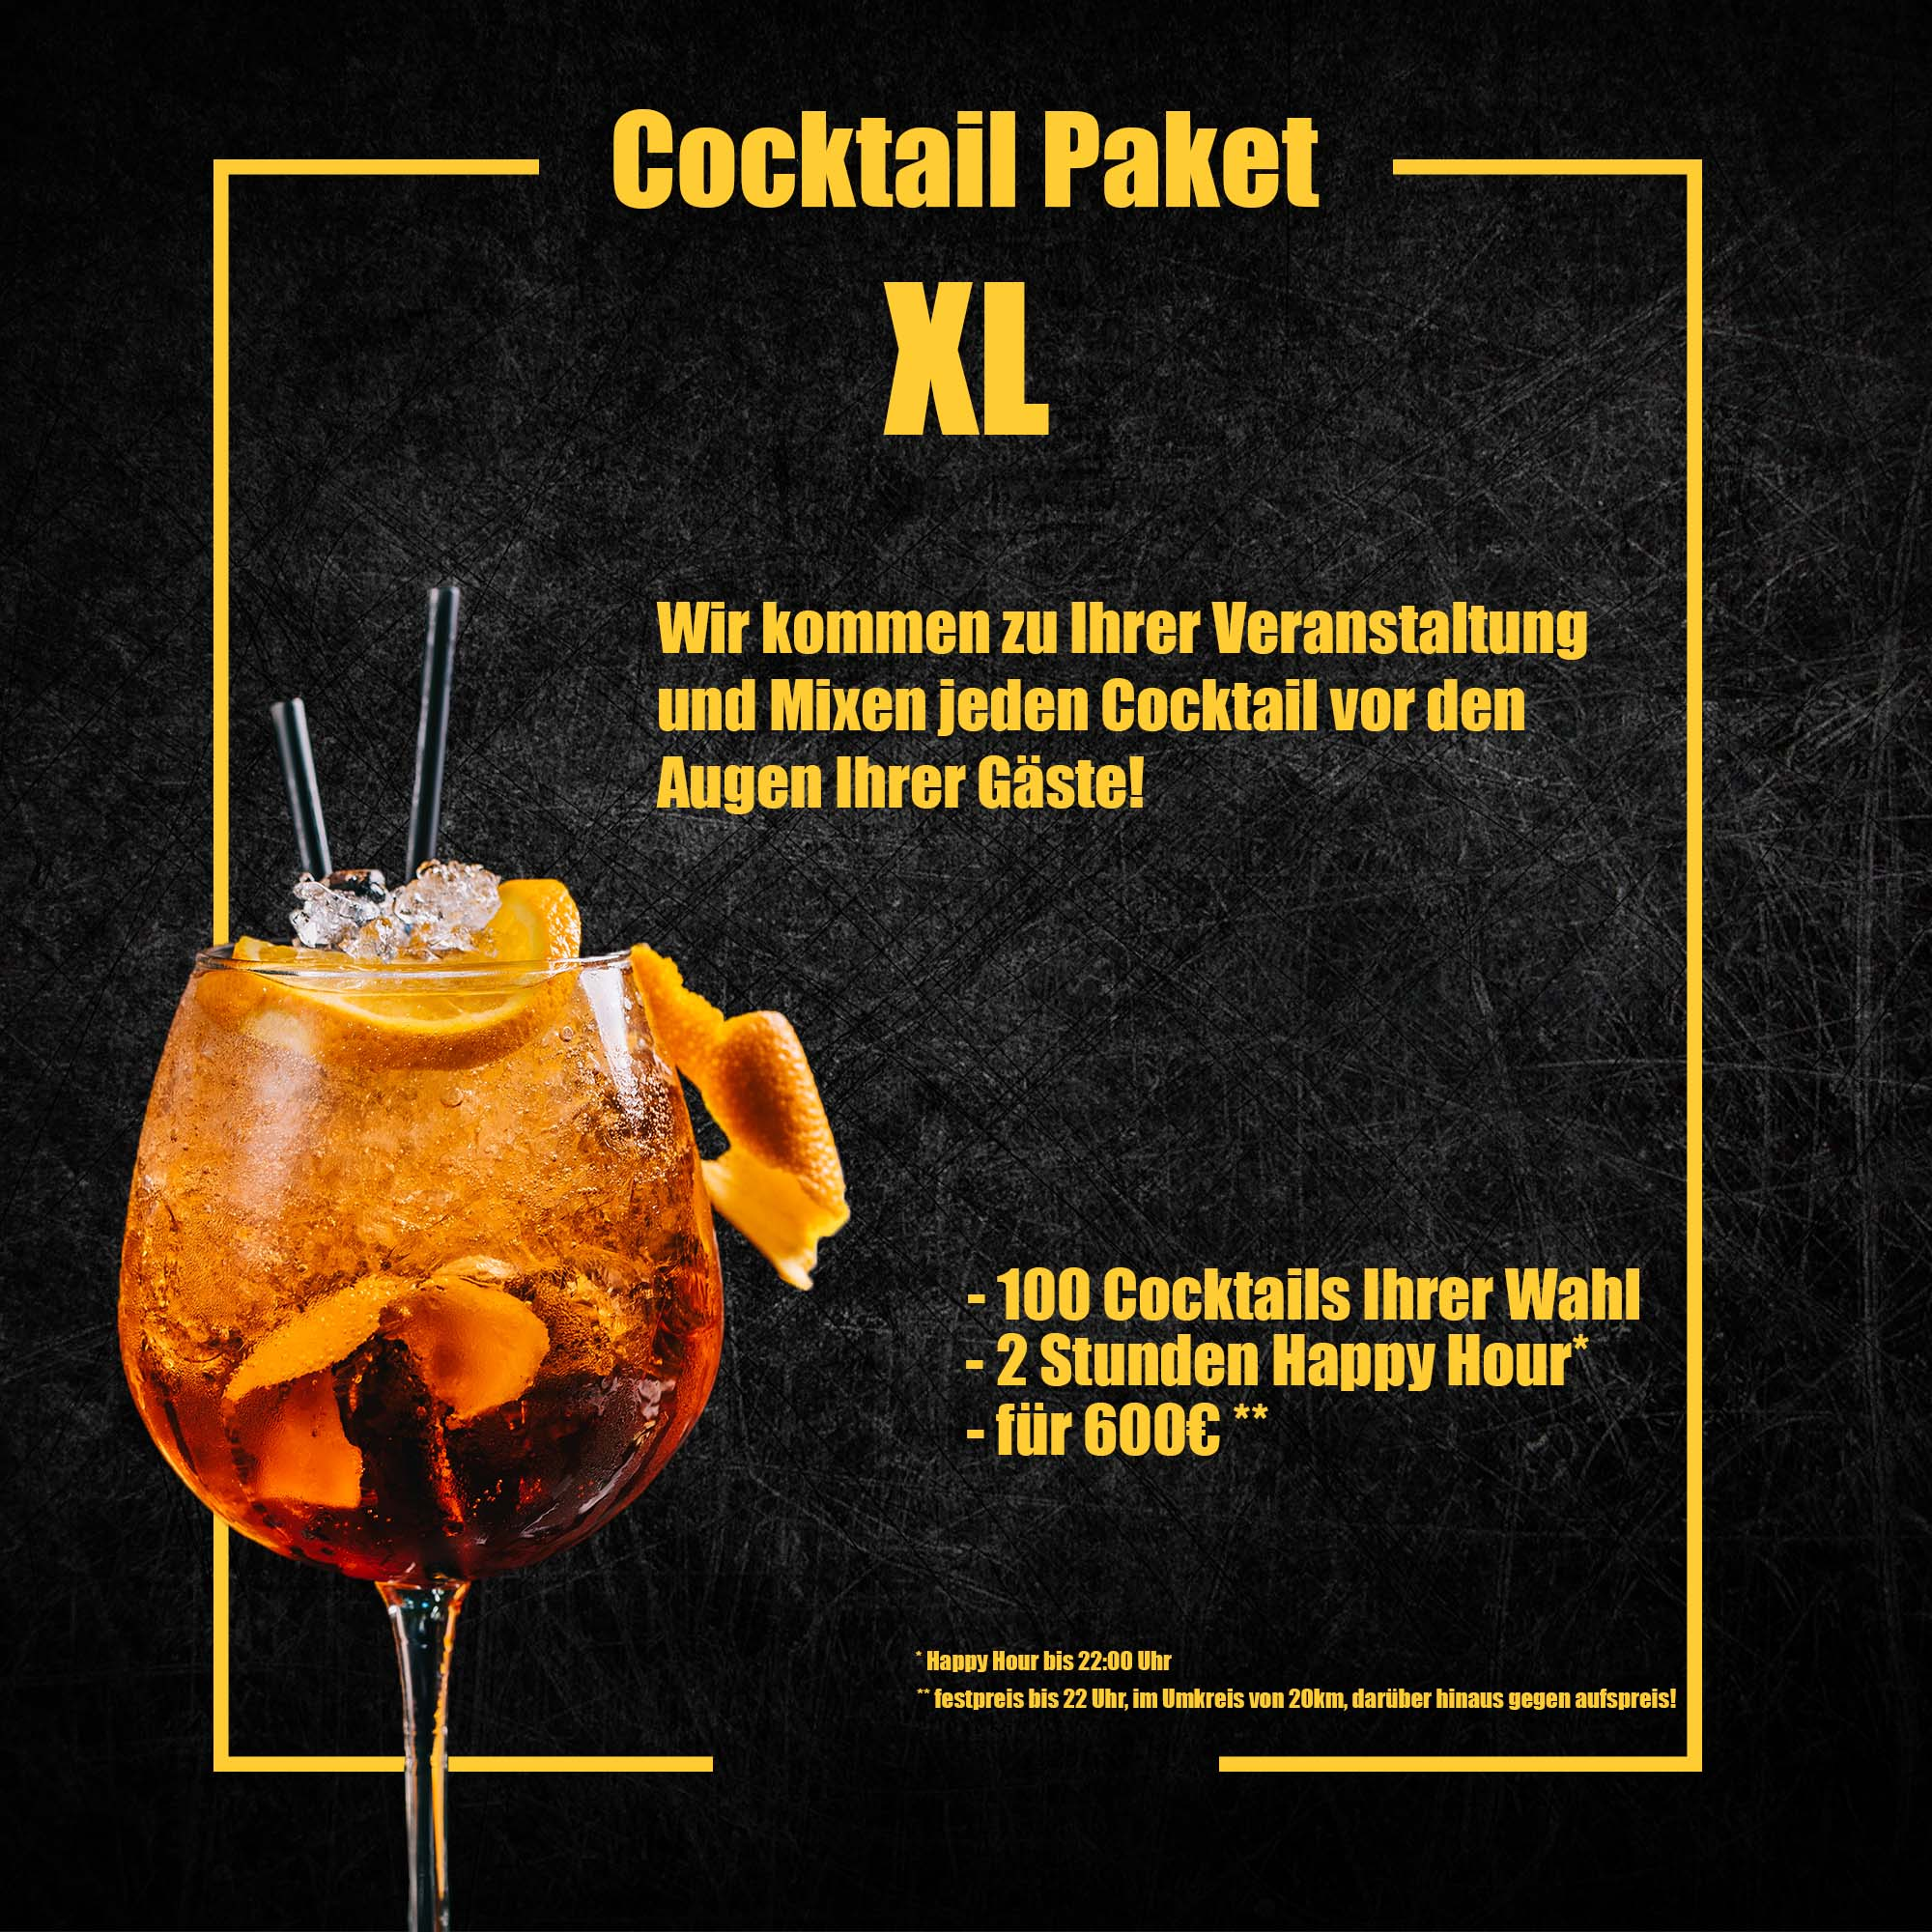 Cocktail Paket XL